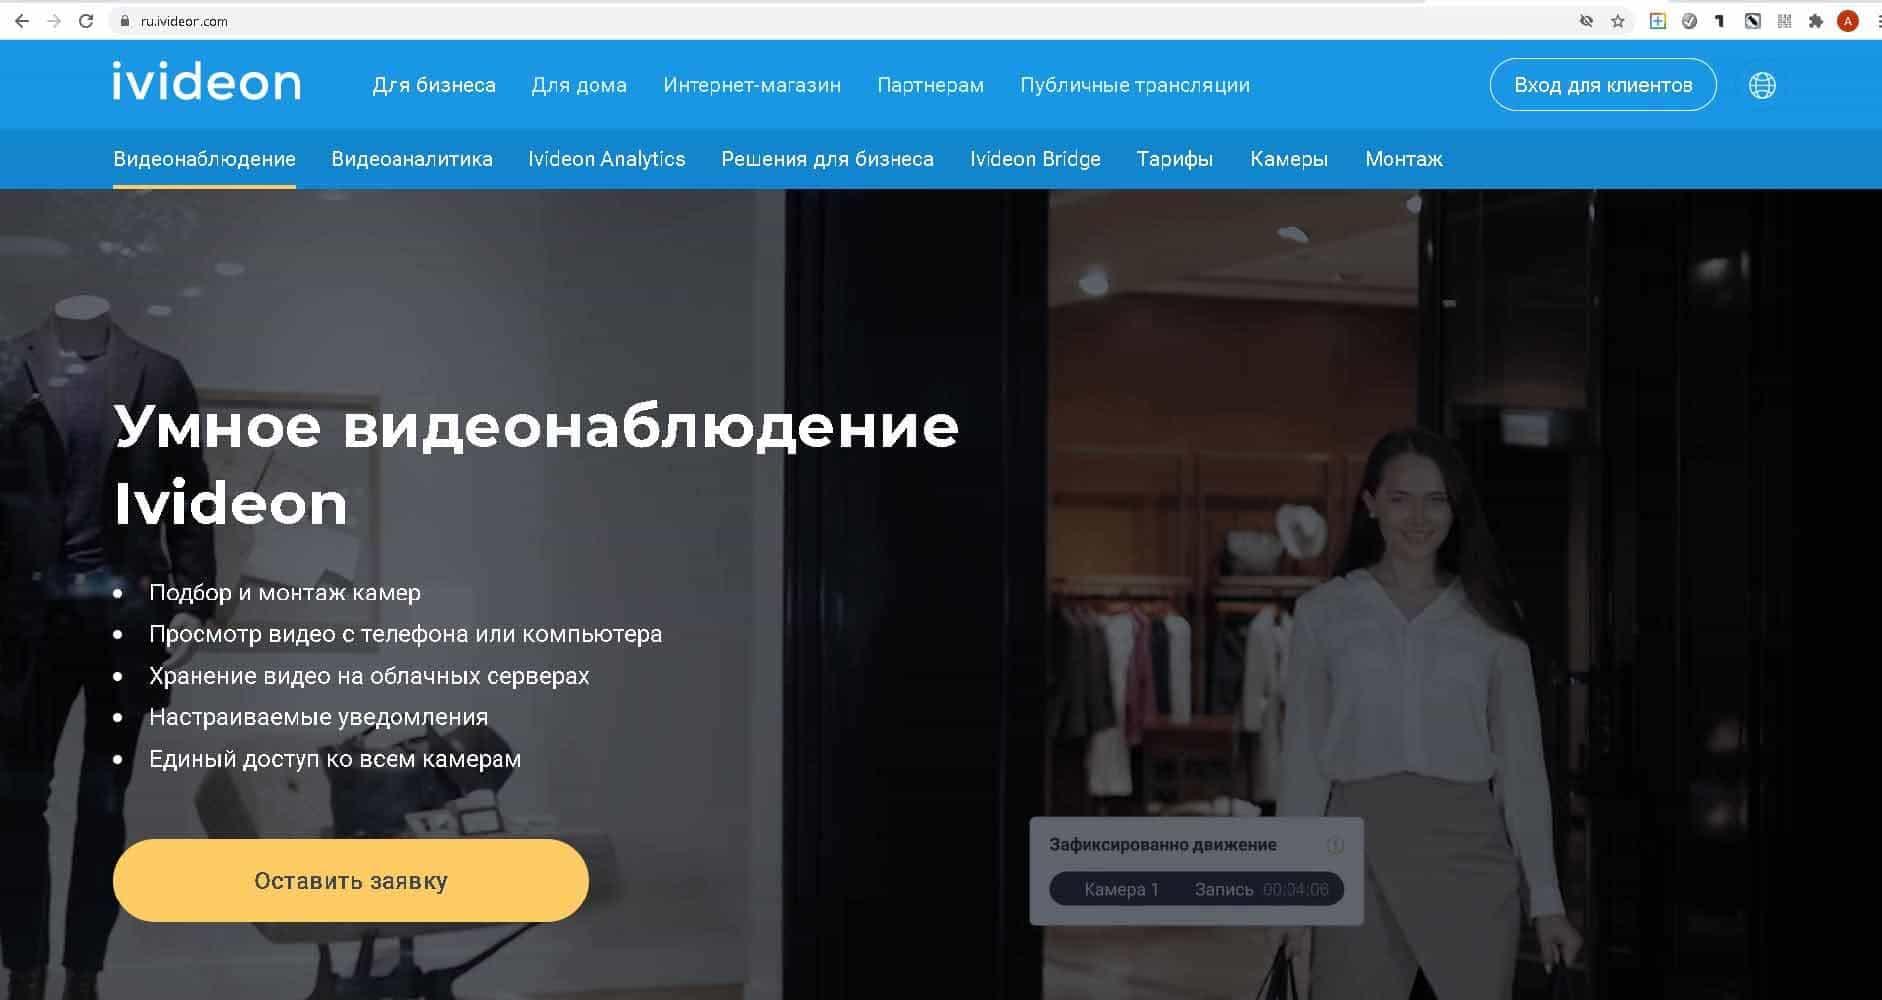 Программа ivideon server